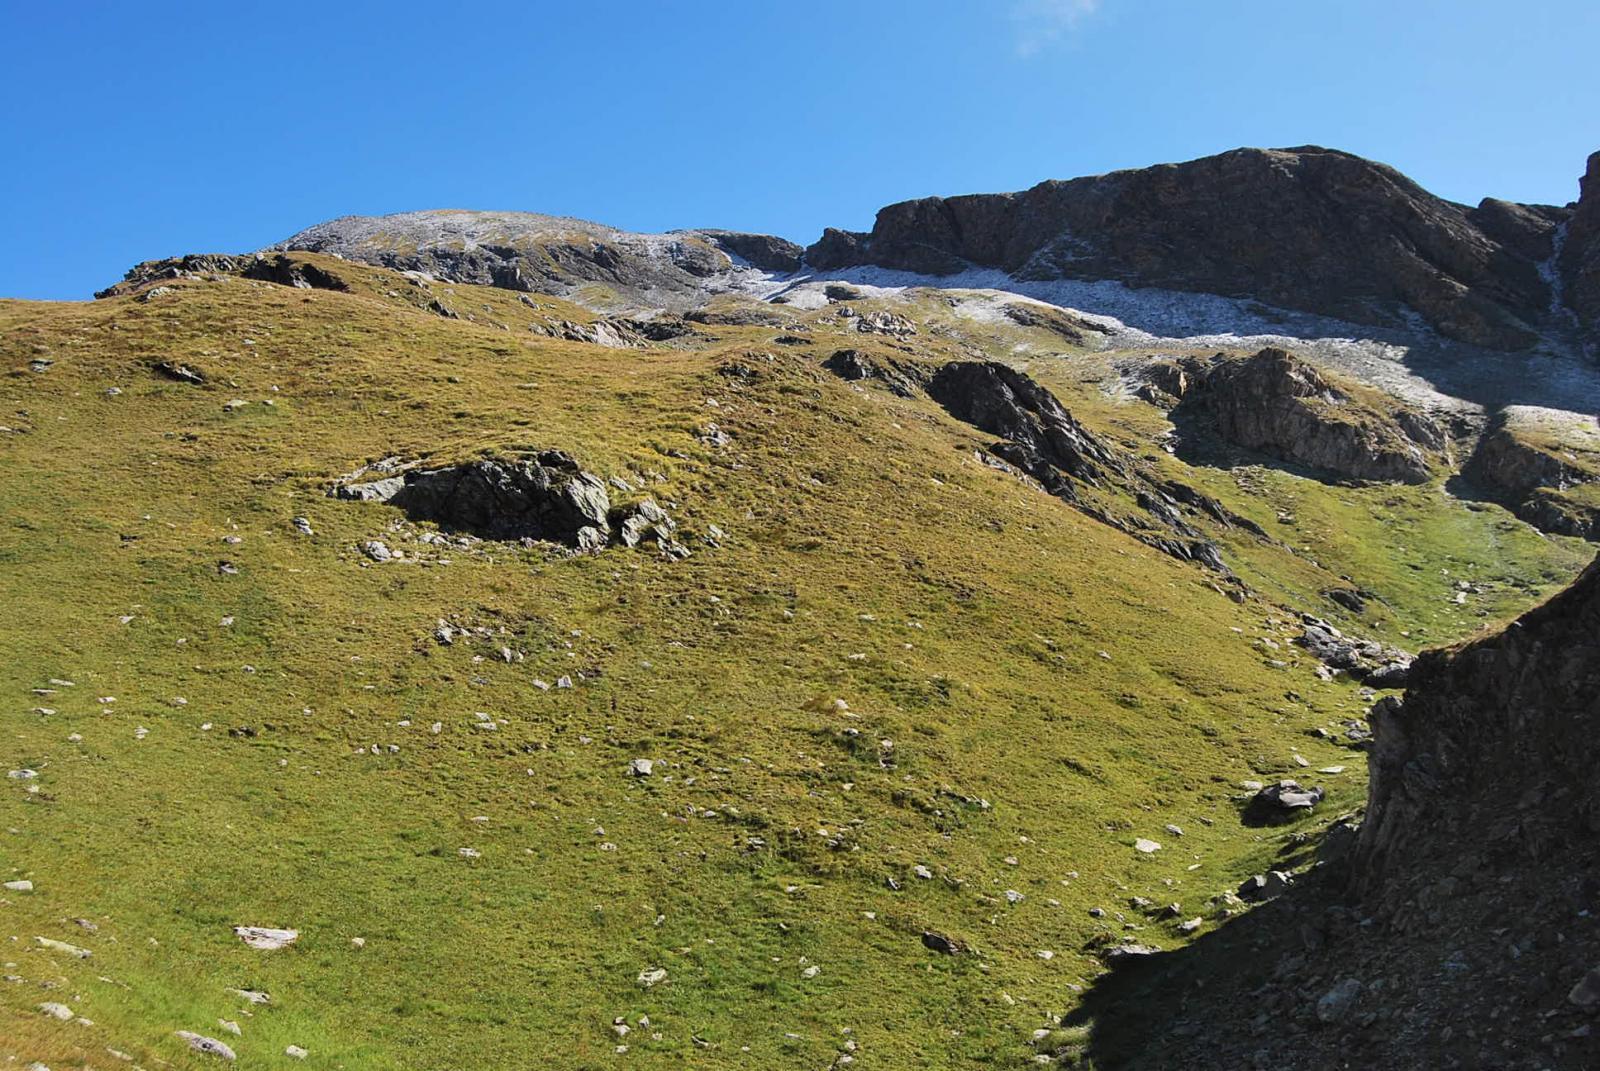 Sbarcati nel vallone, vista della cima quota 3047 m